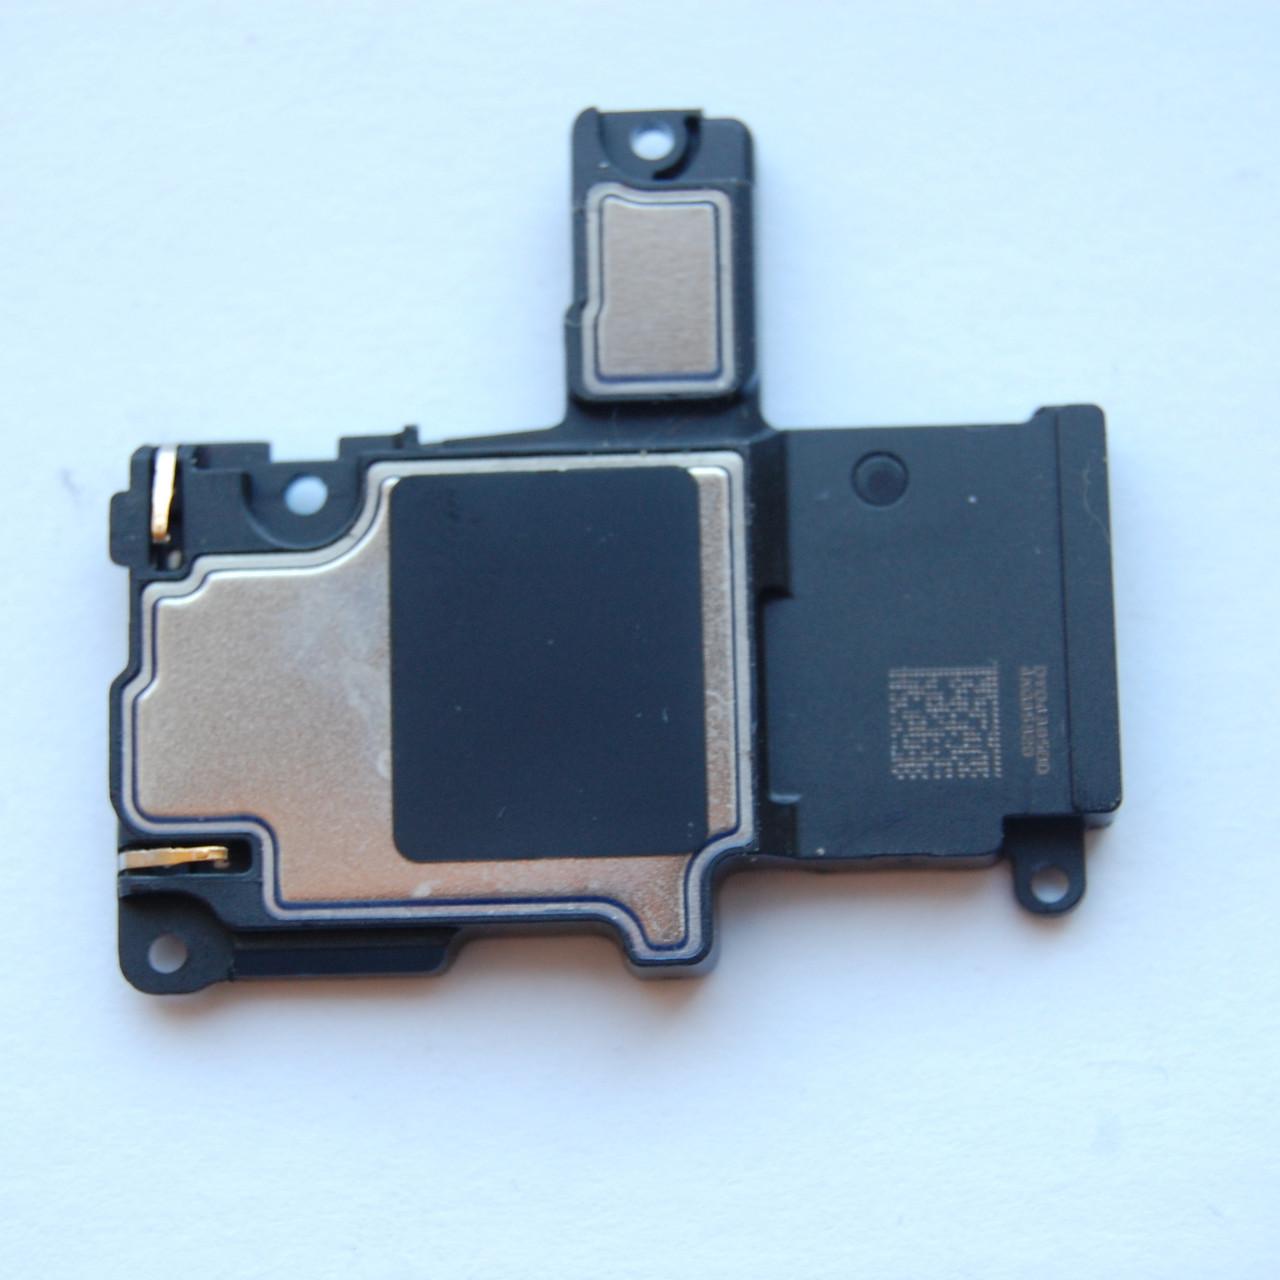 Звонок для Apple iPhone 6,в рамке